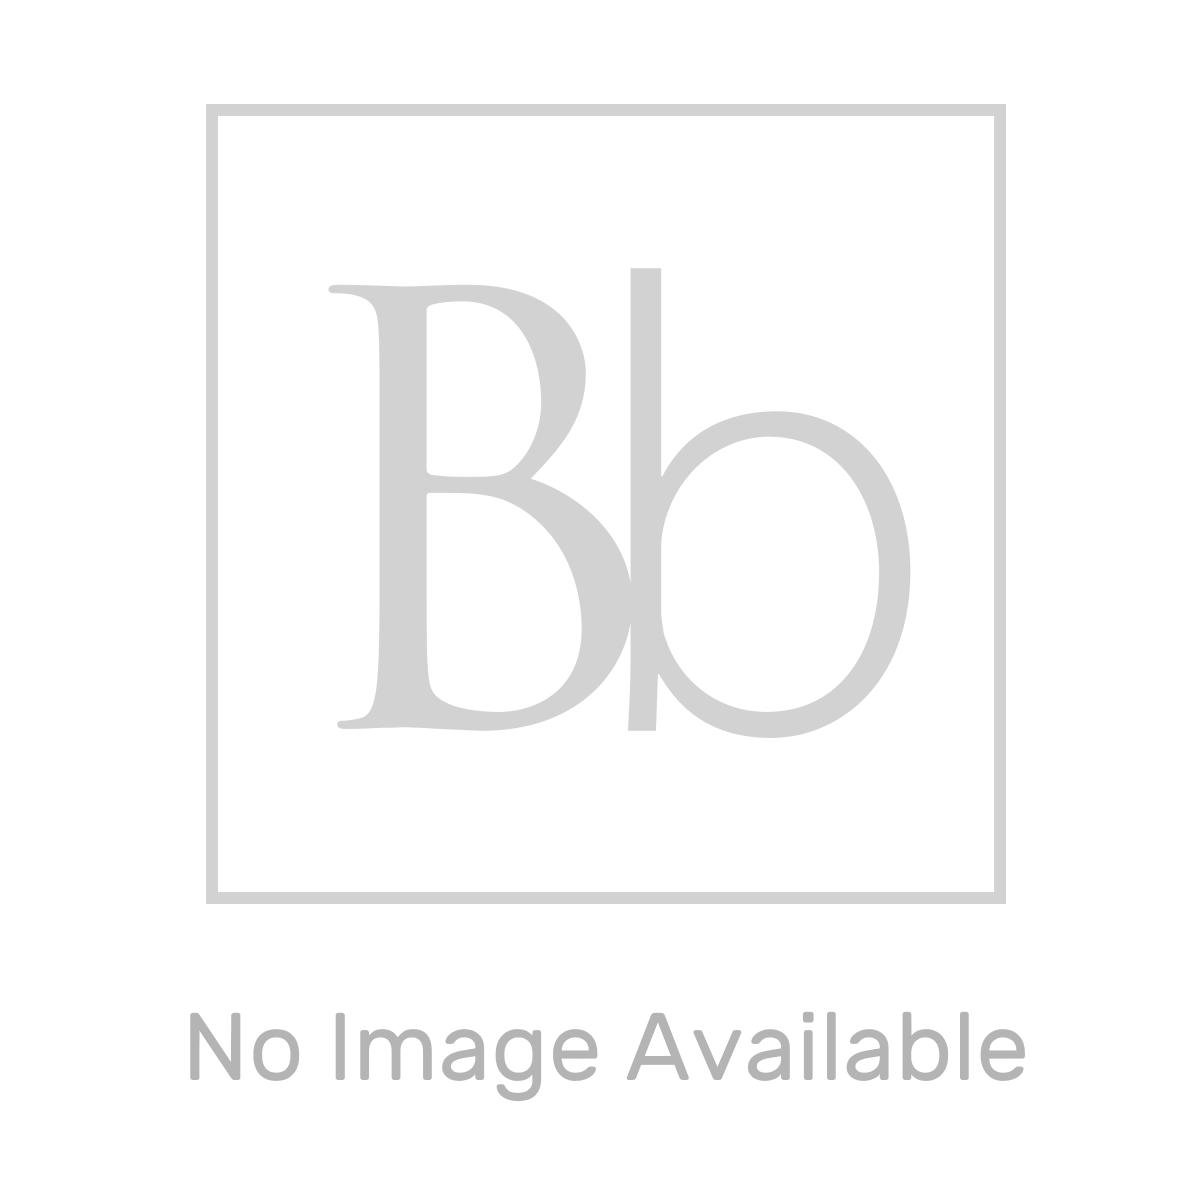 Tavistock Aspire Thermoset White Toilet Seat